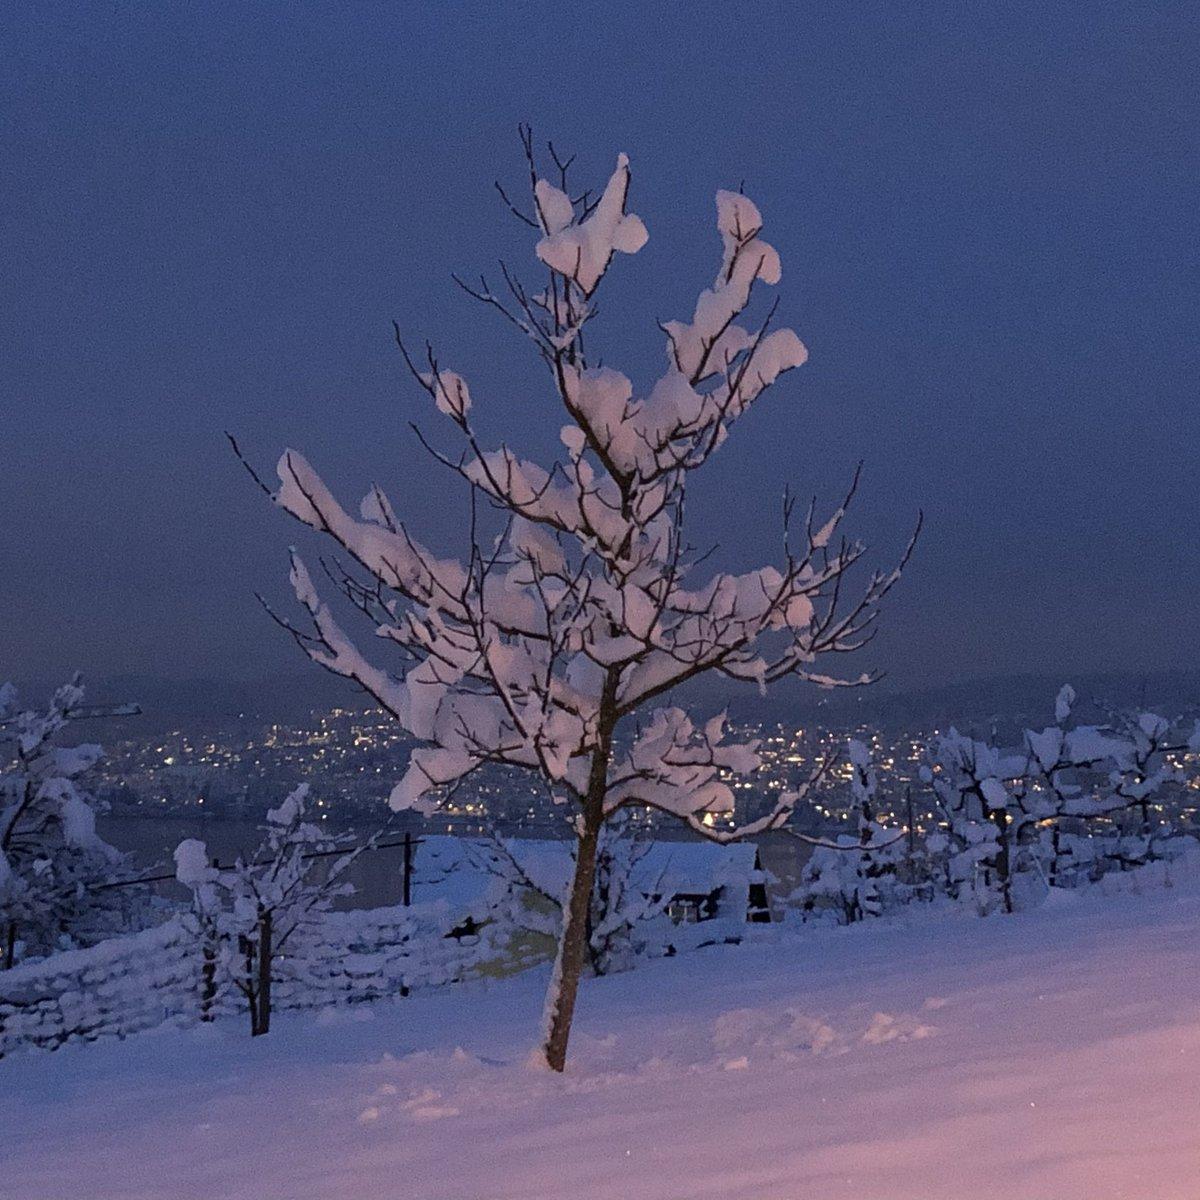 Winter wonderland at lake Zurich #nofilter